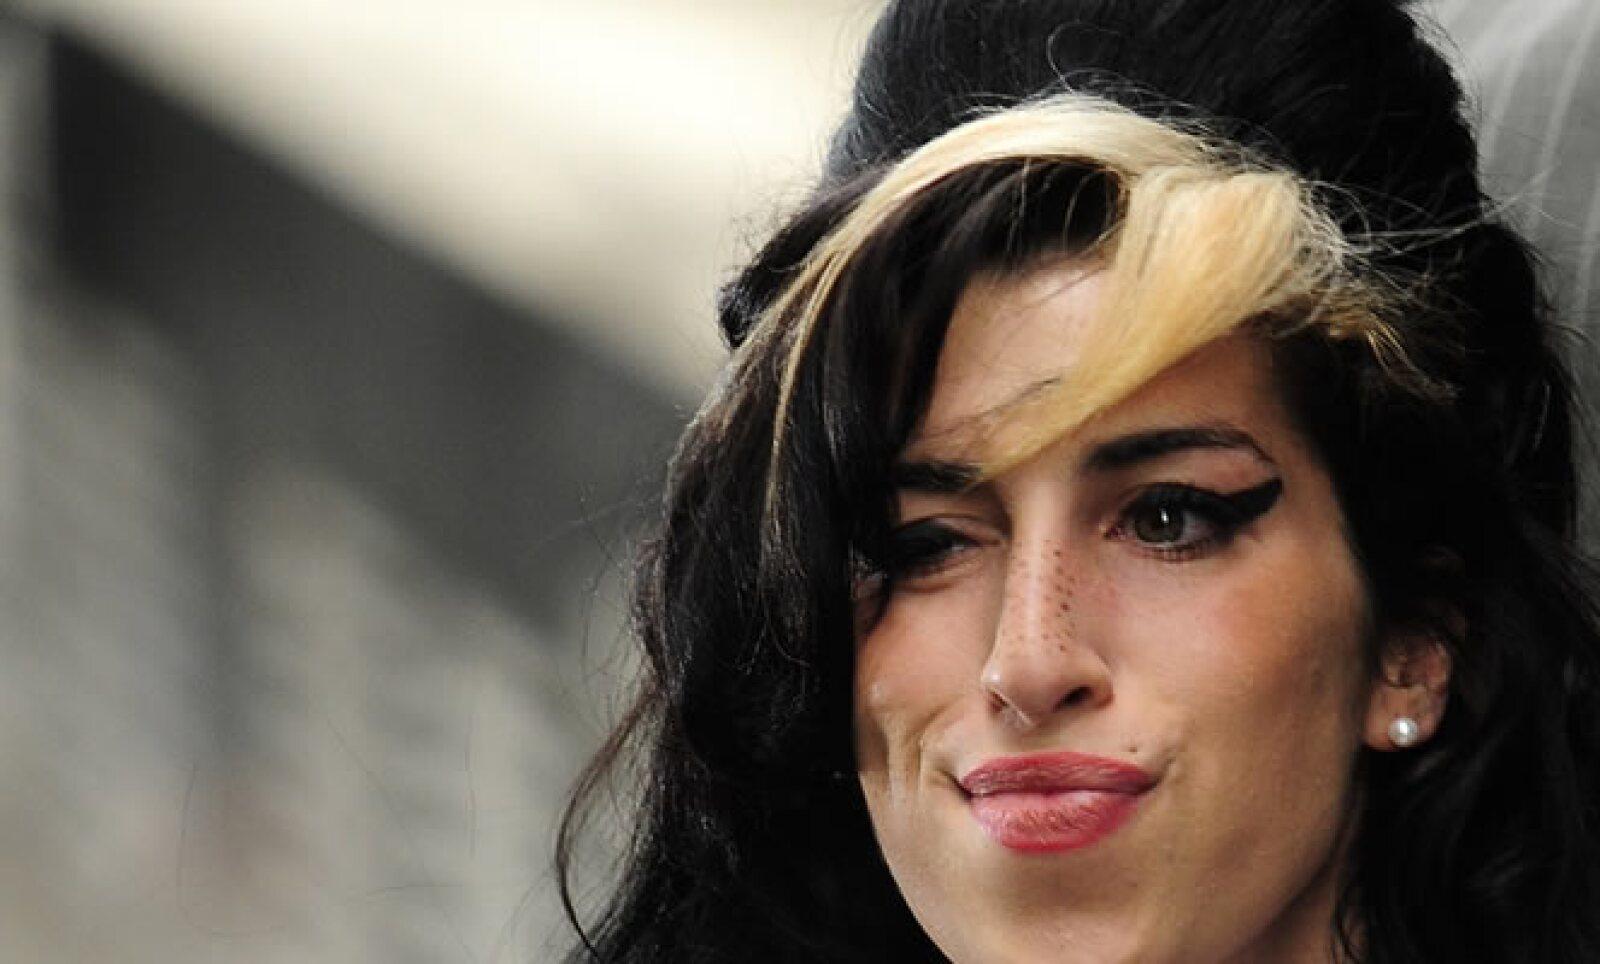 Los amigos y la familia de Winehouse habían advertido que el estilo de vida de la cantante, que entró y salió de rehabilitación y afectó su carrera artística, podrían llevarla al abismo.